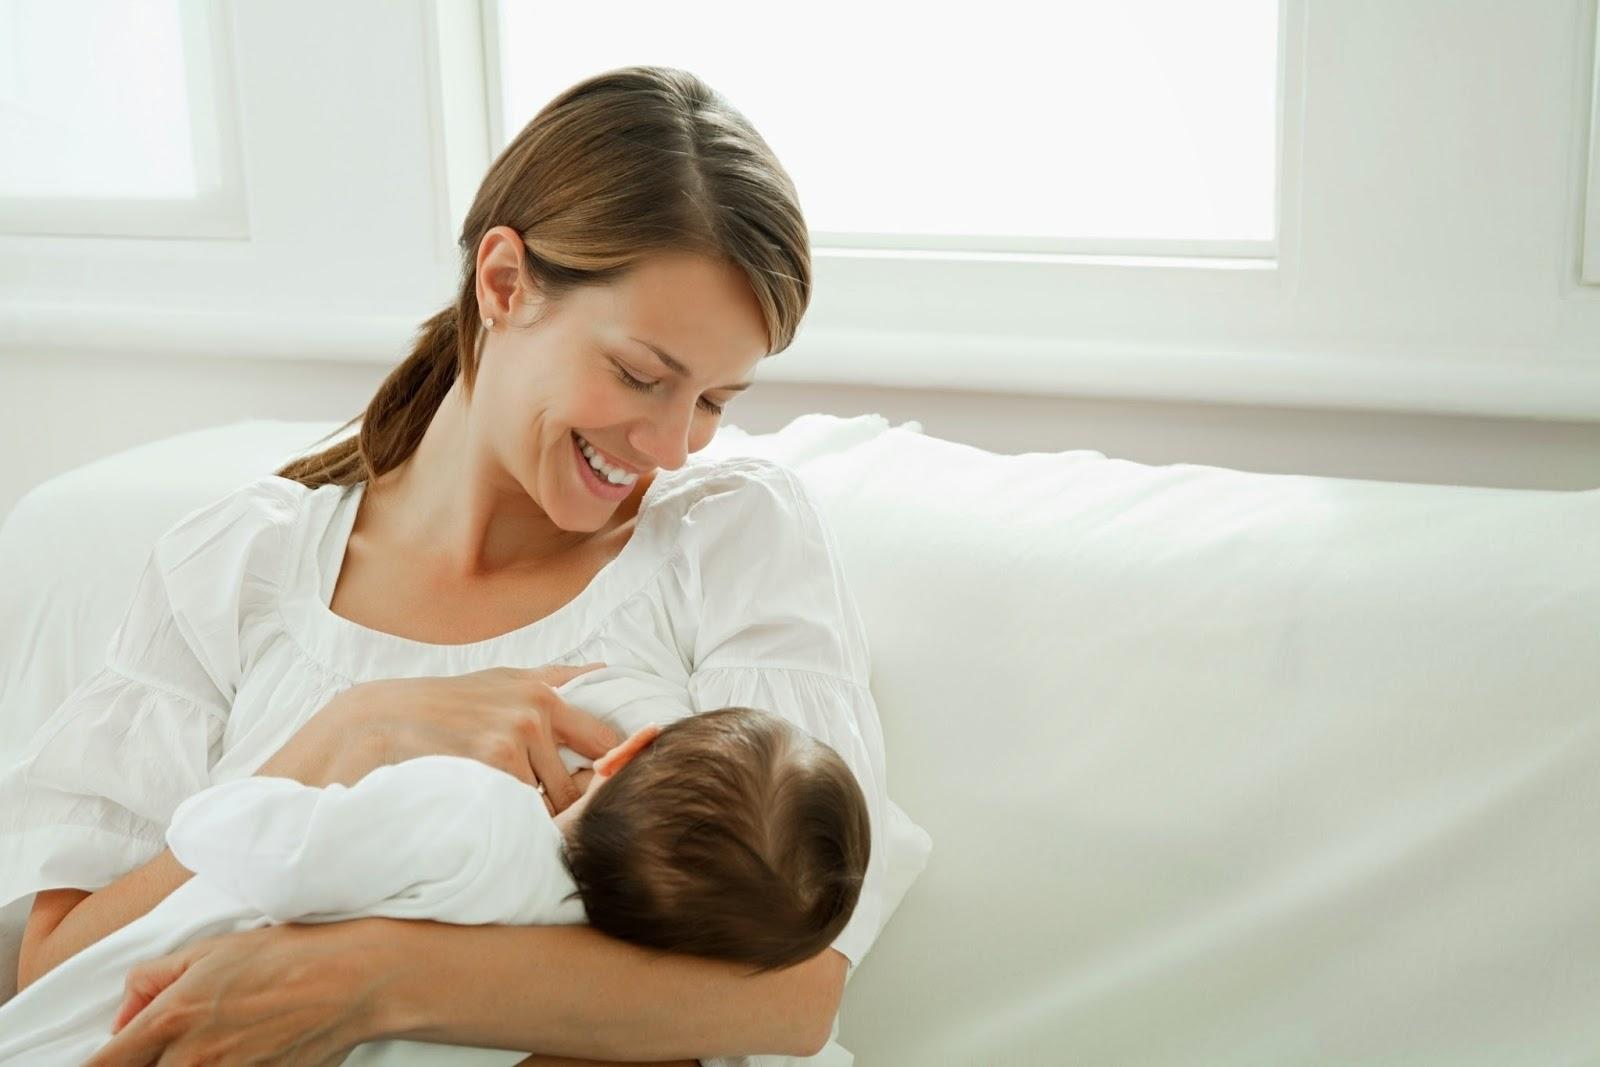 menyusu, breastfeeding, tambah susu ibu